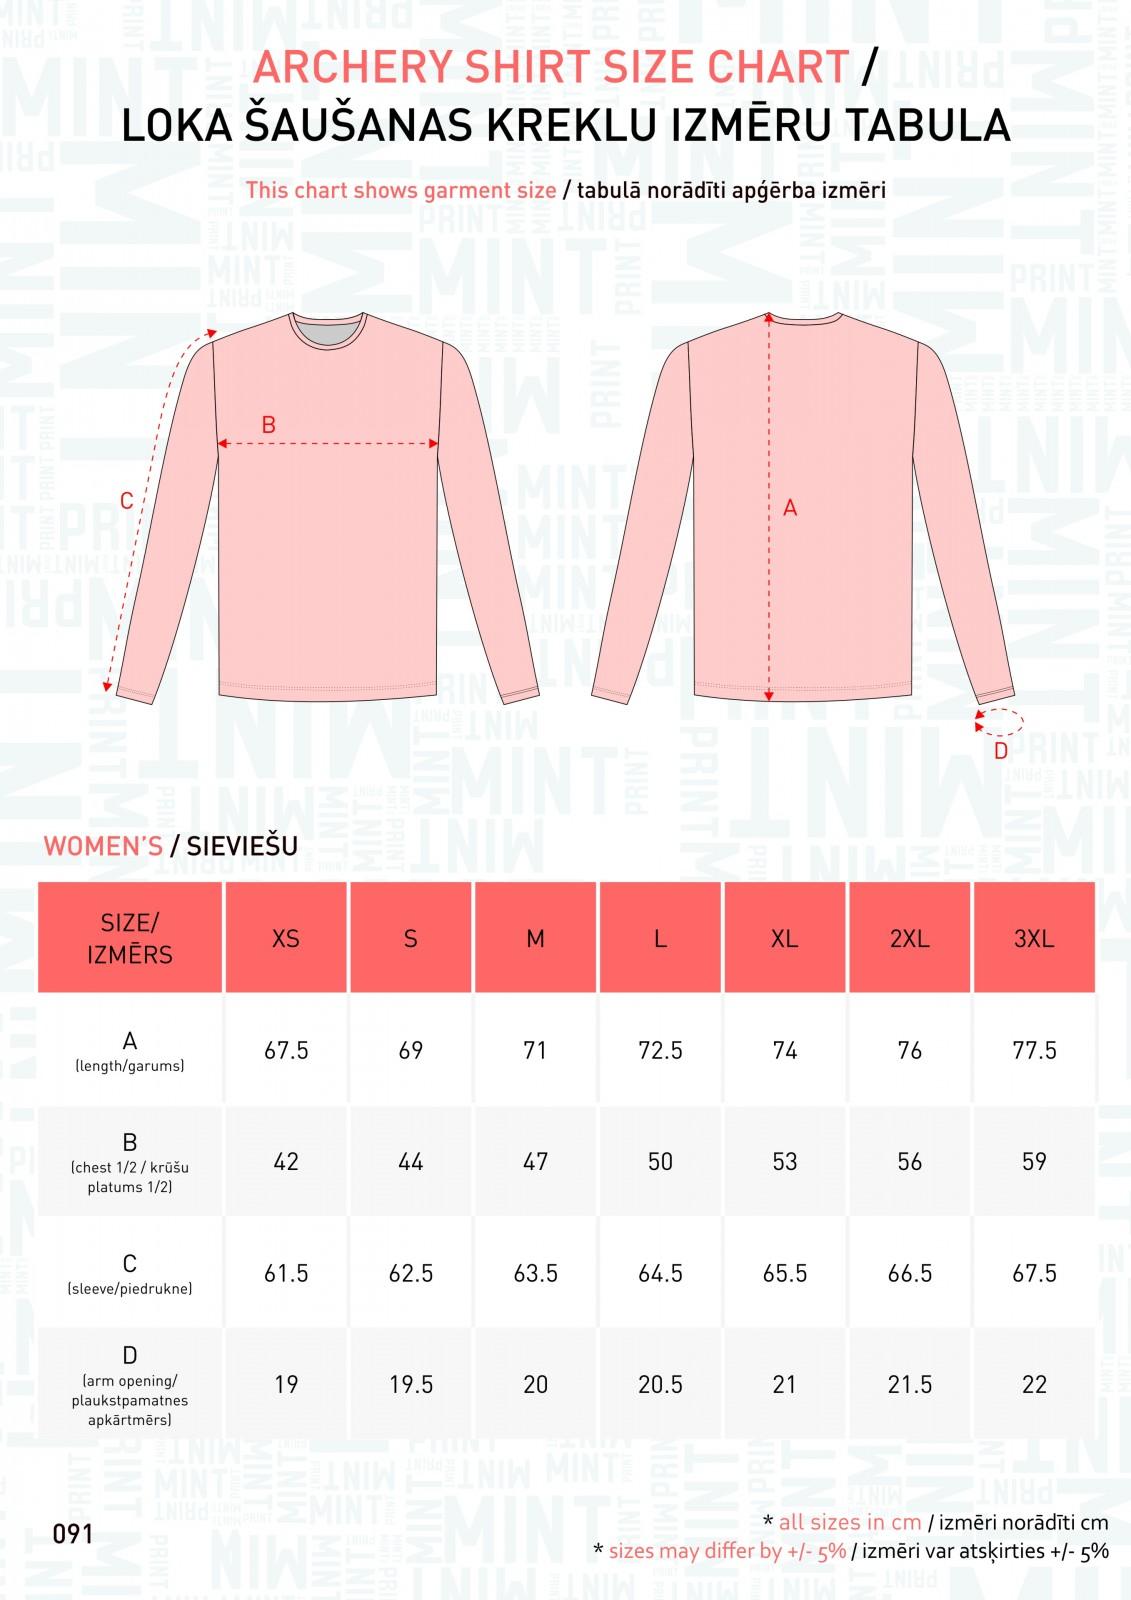 091 - Archery kreklu izm tabulas - WMN